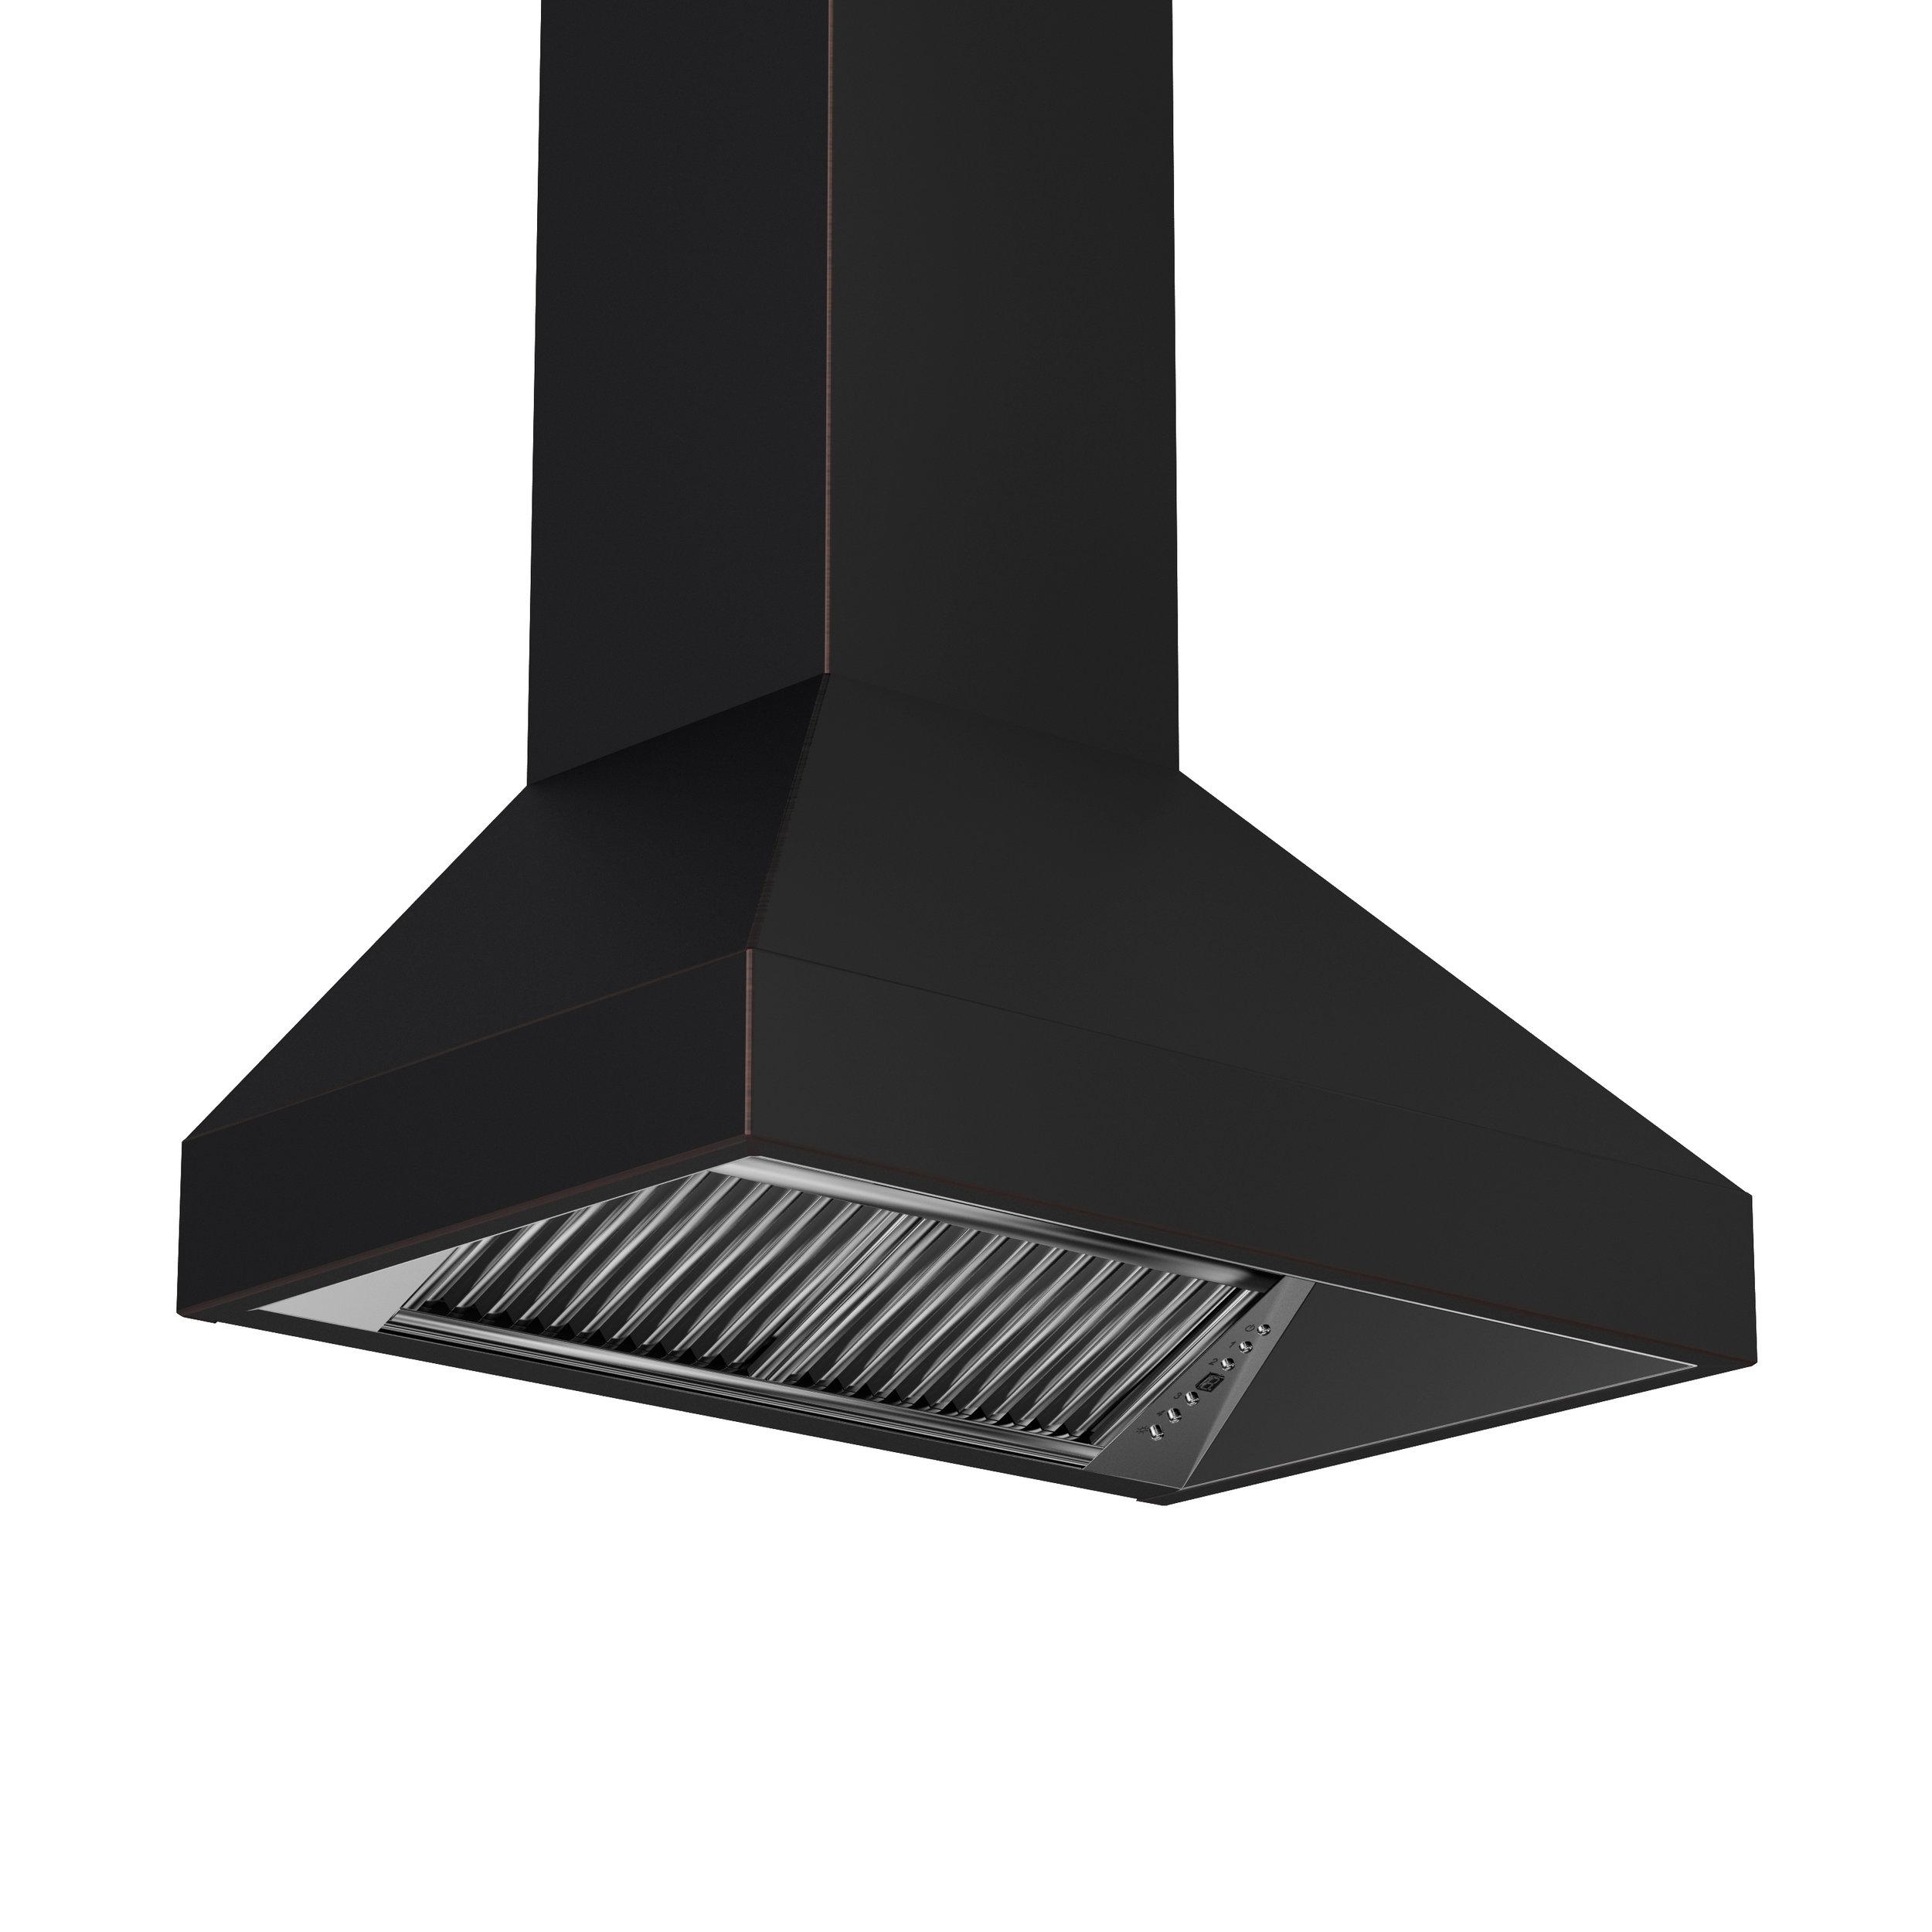 zline-copper-wall-mounted-range-hood-8667B-side-under.jpg